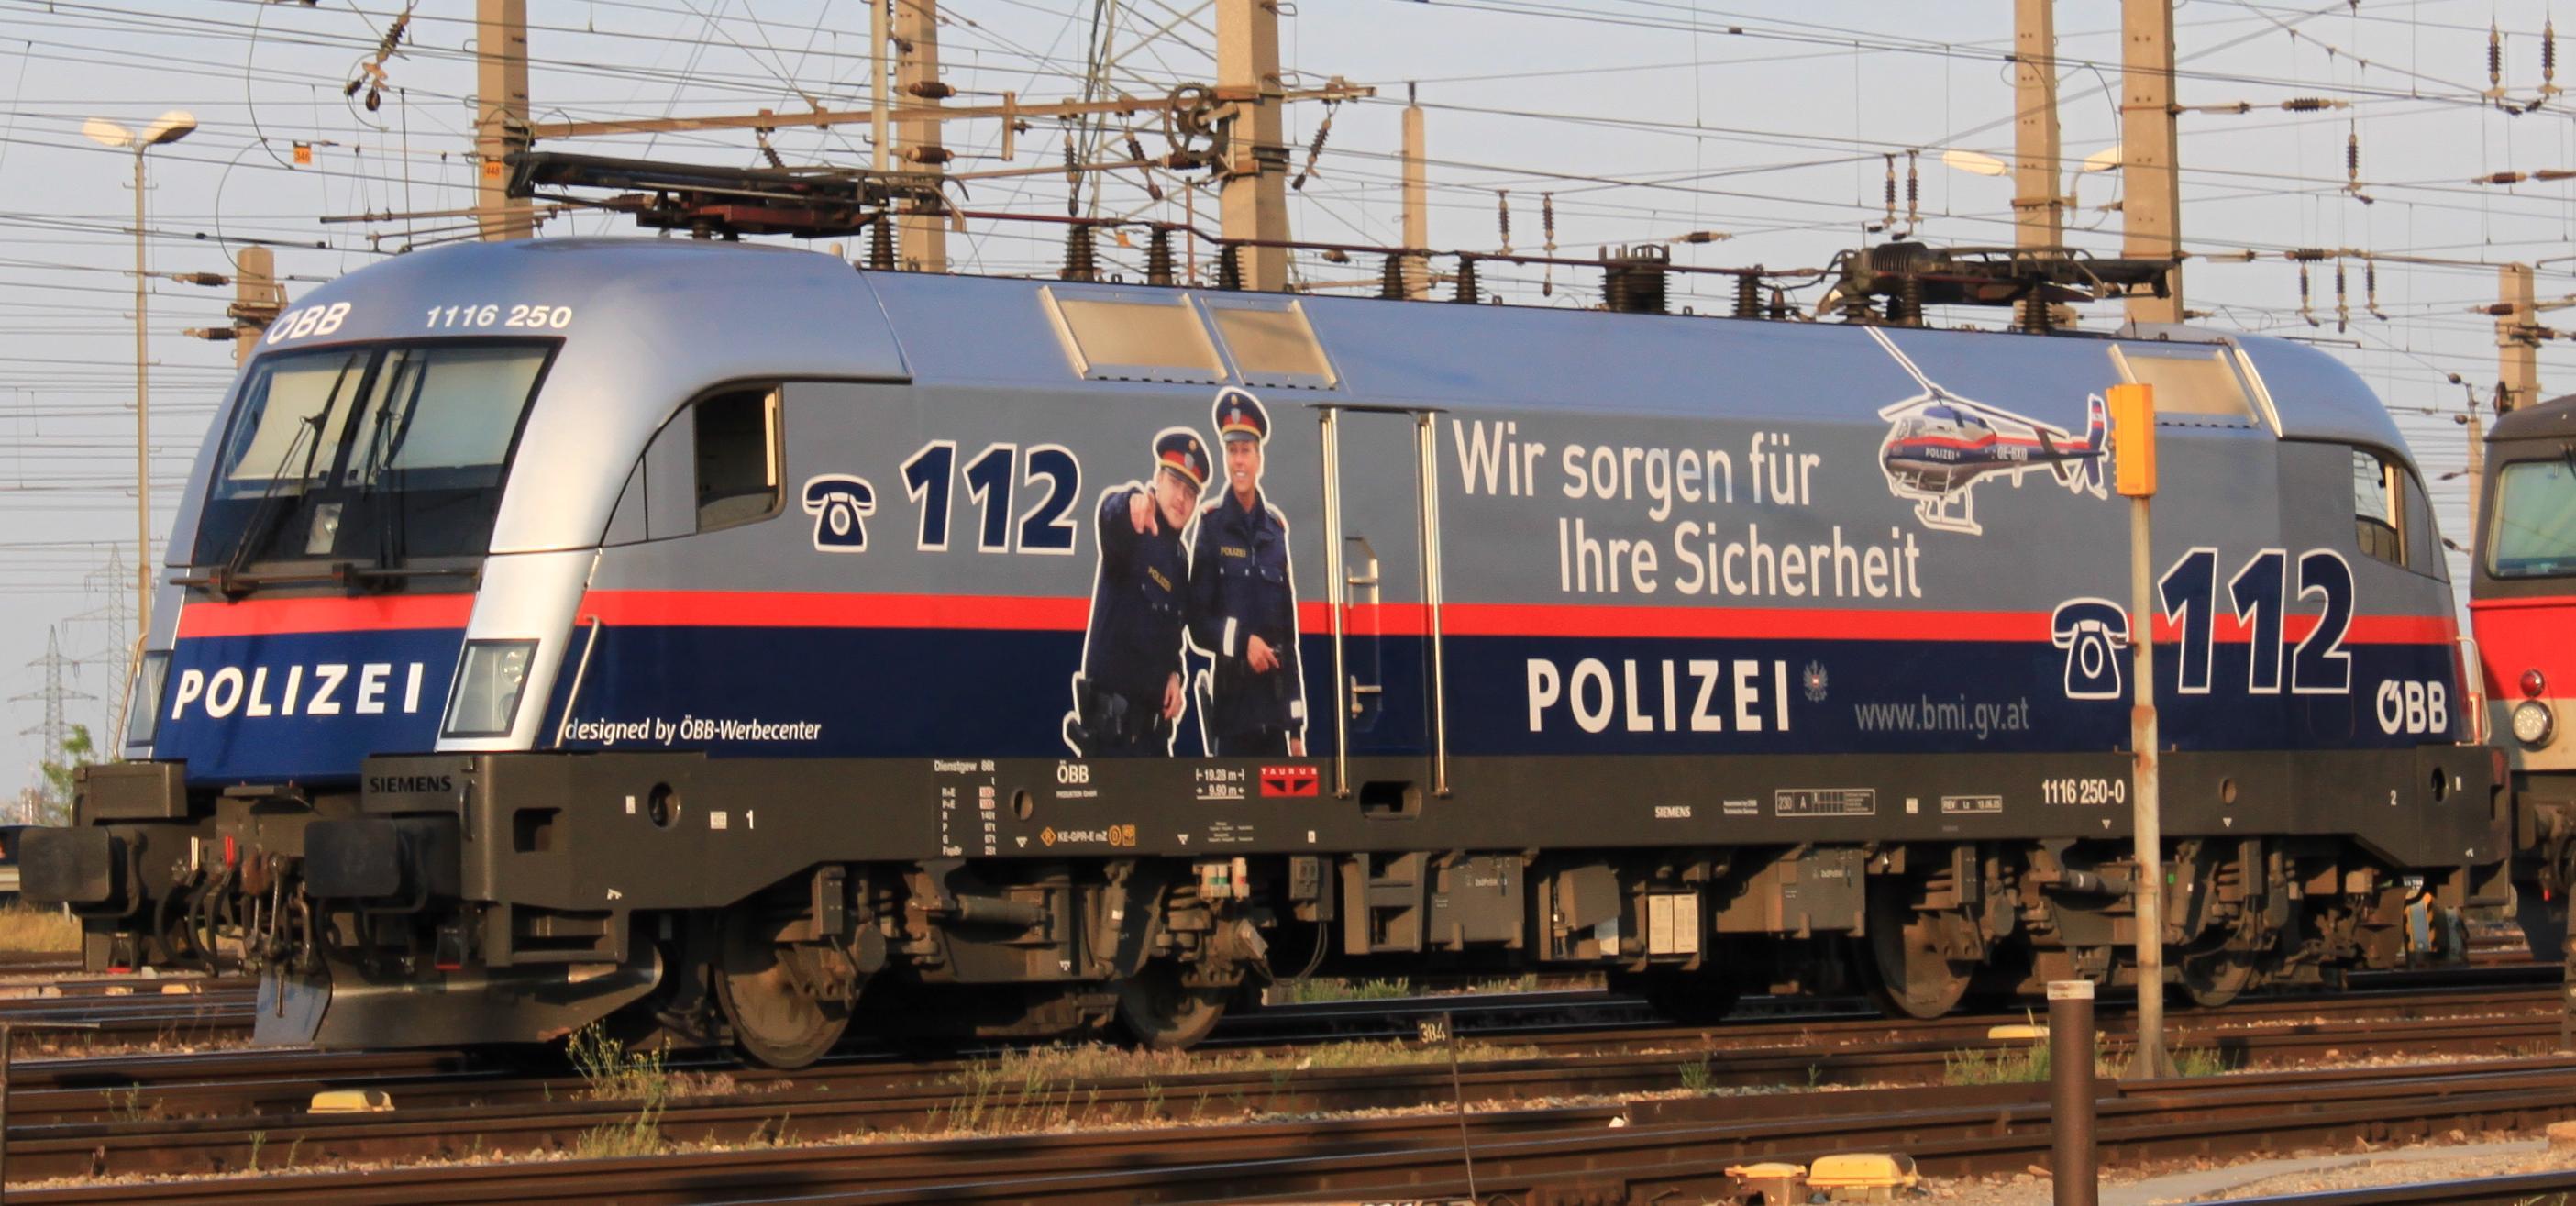 File:ÖBB 1116 250 Polizei.JPG ...